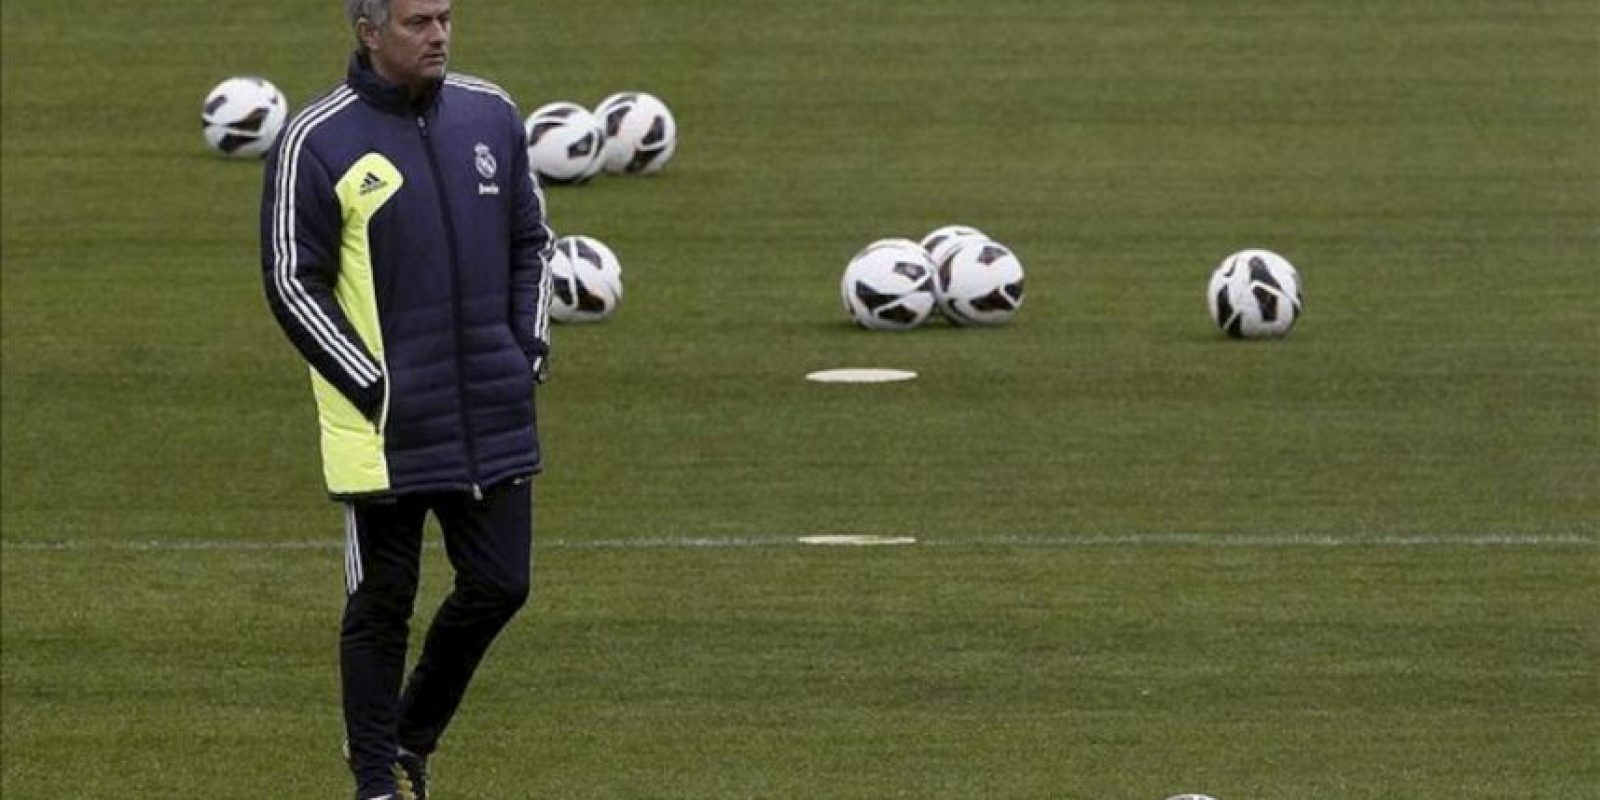 El técnico portugués del Real Madrid, José Mourinho, durante el último entrenamiento hoy de la plantilla en la Ciudad del Real Madrid en Valdebebas de cara al partido de mañana ante el Zaragoza en La Romareda. EFE